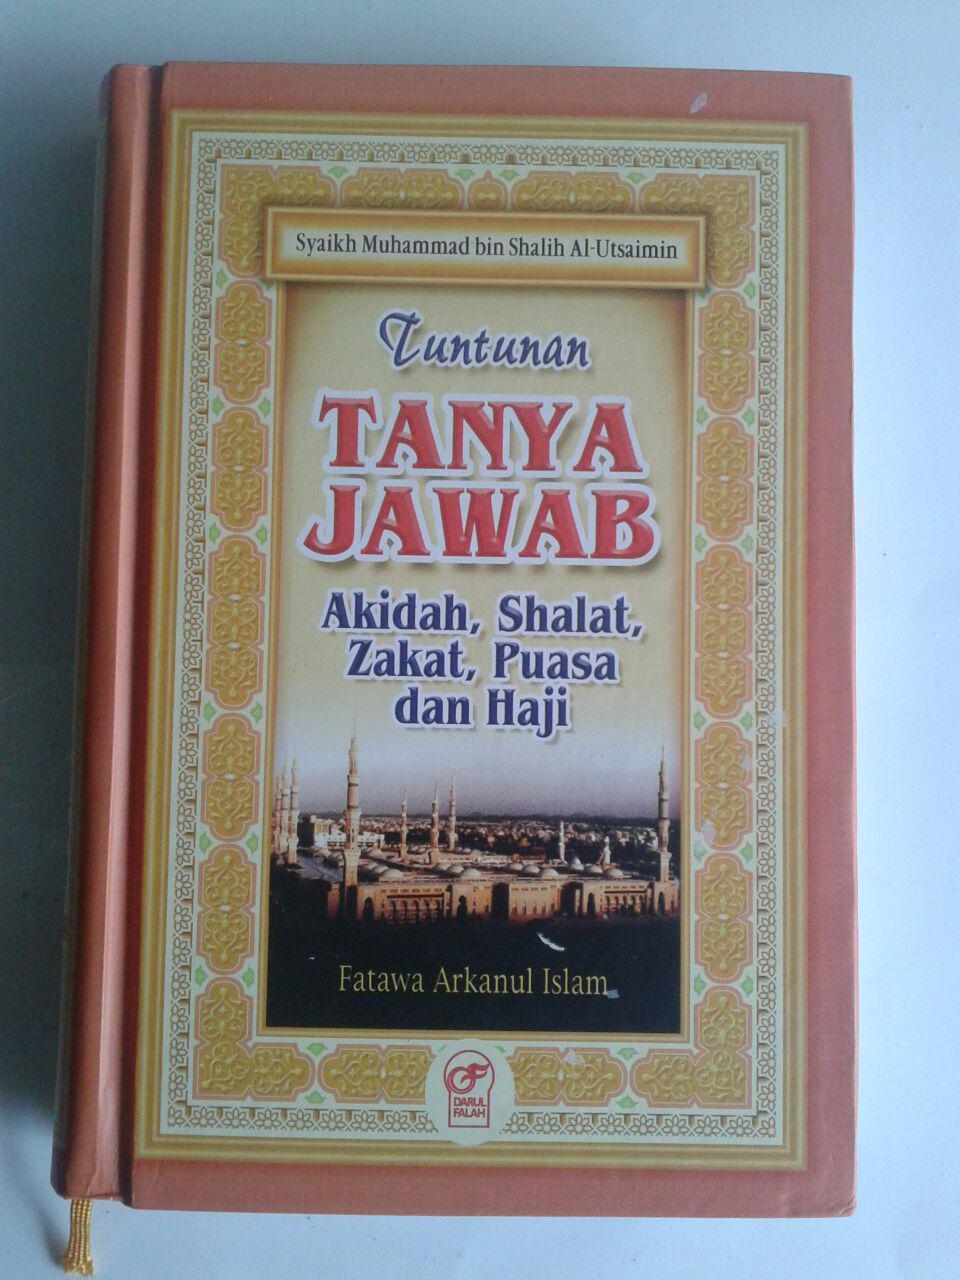 Buku Tuntunan Tanya Jawab Aqidah Shalat Zakat Puasa Dan Haji cover 2